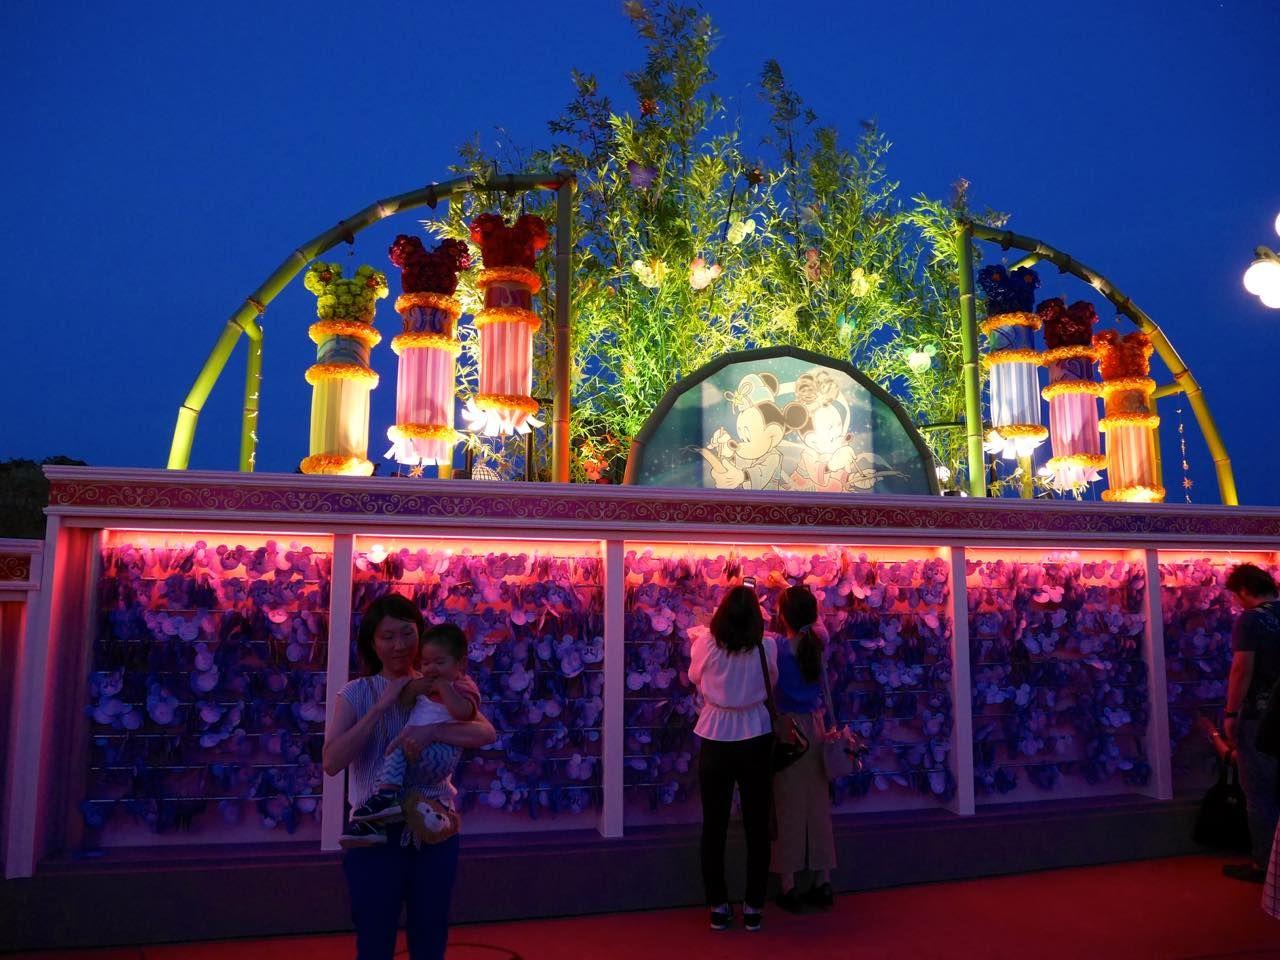 ウィッシングプレイスに願いを!東京ディズニーリゾートで一年に一度の七夕デコレーション